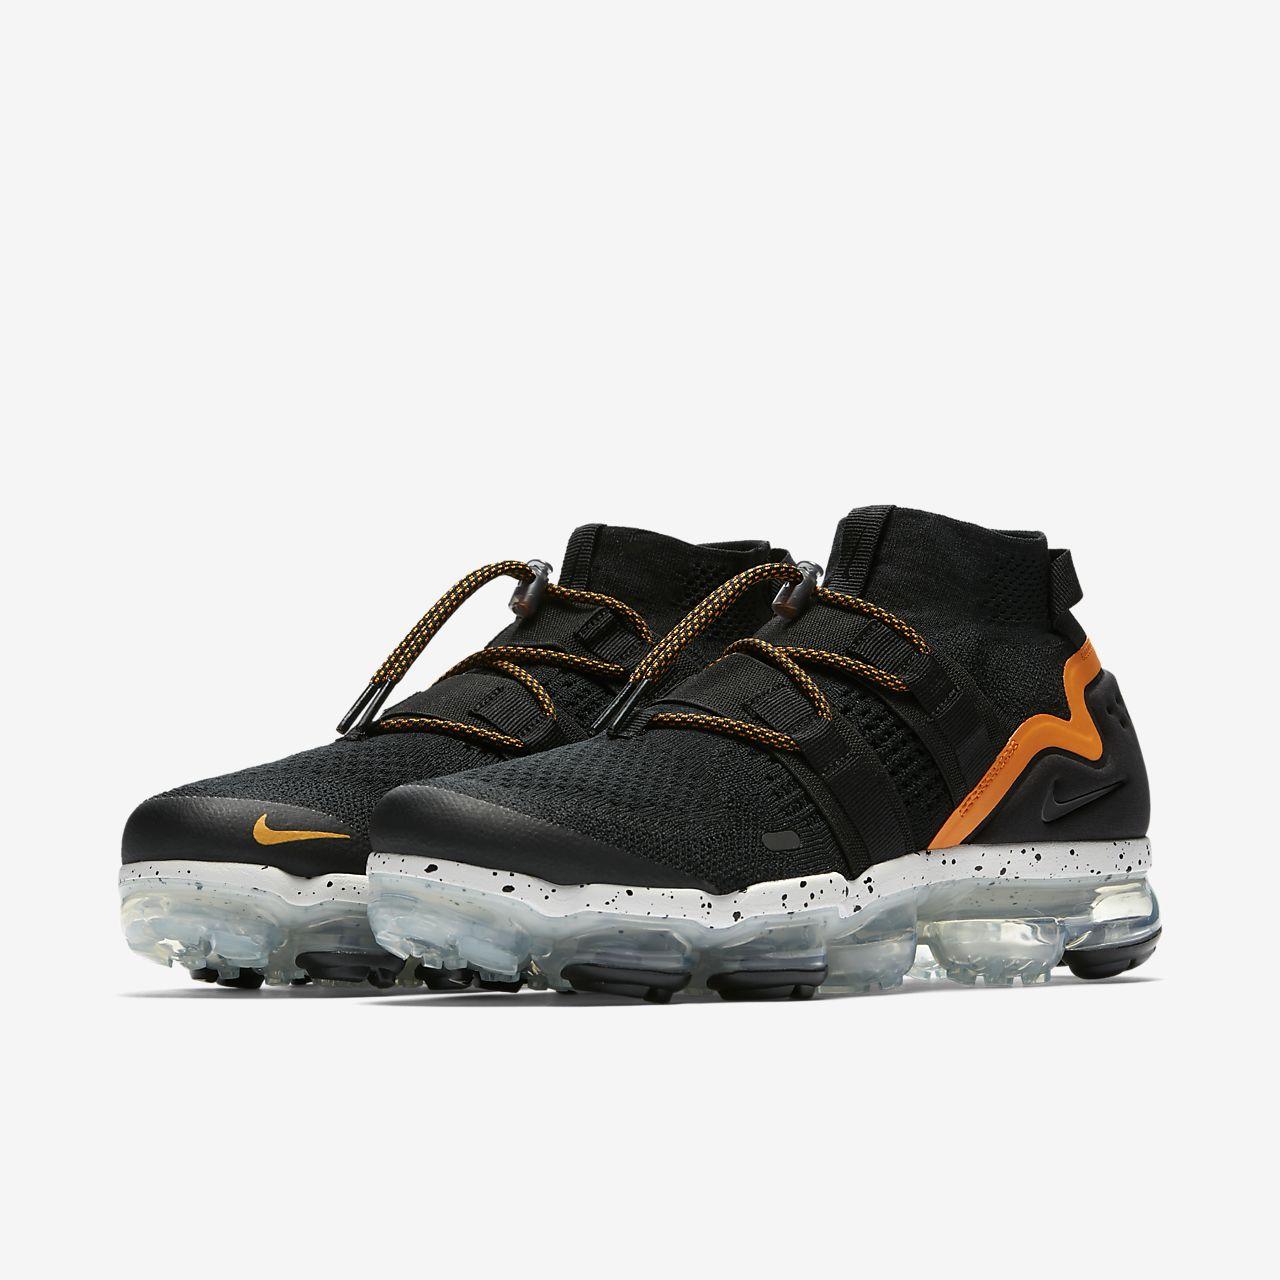 gros rabais Nike Air Vapormax Flyknit Commentaires Utilitaires Livraison gratuite 2015 sneakernews libre d'expédition 100% garanti faible garde expédition XmS03b4